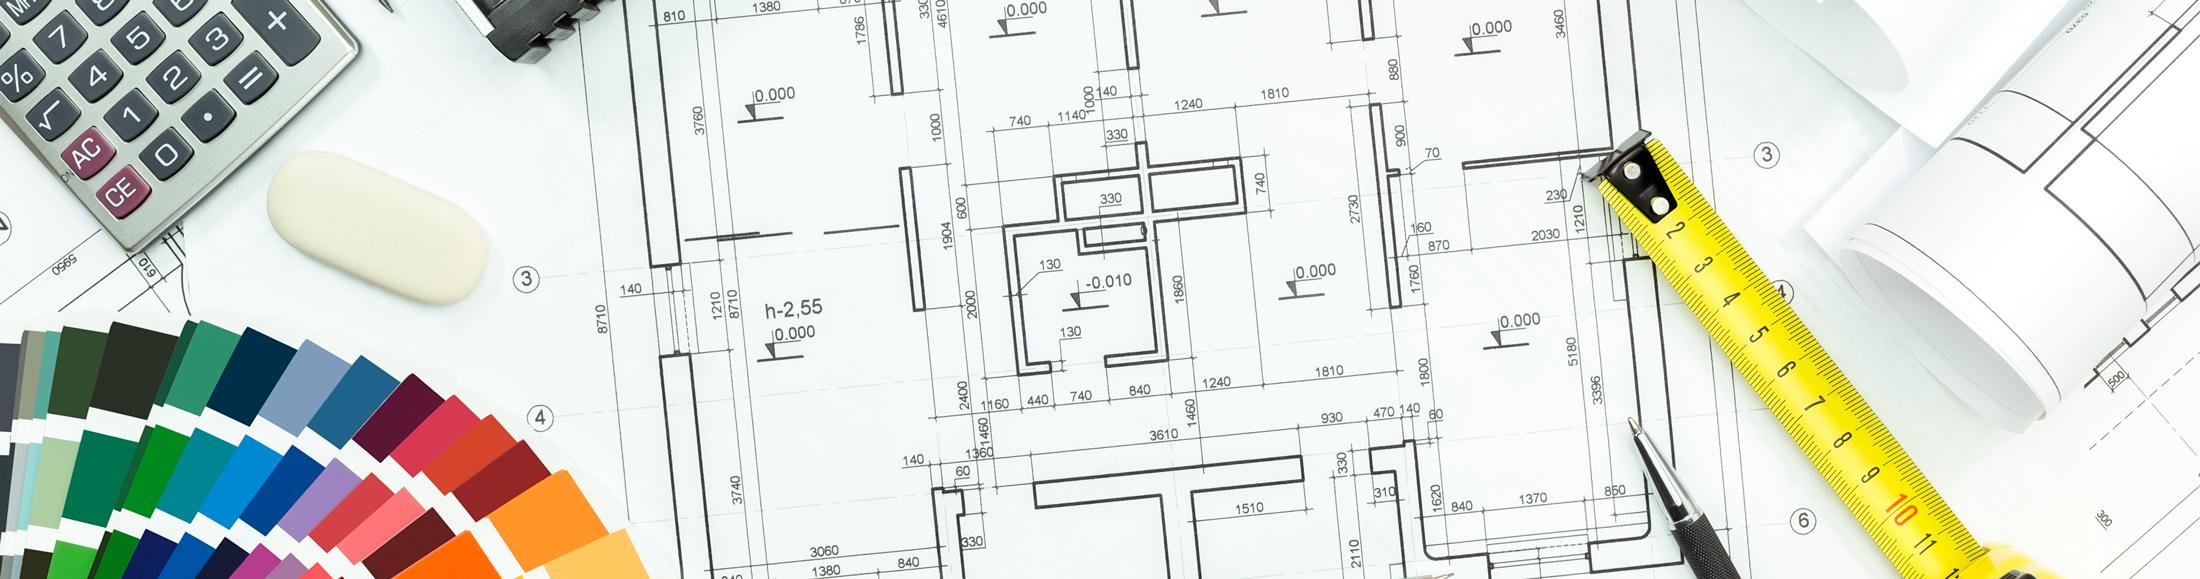 Umbau und Innenausbau